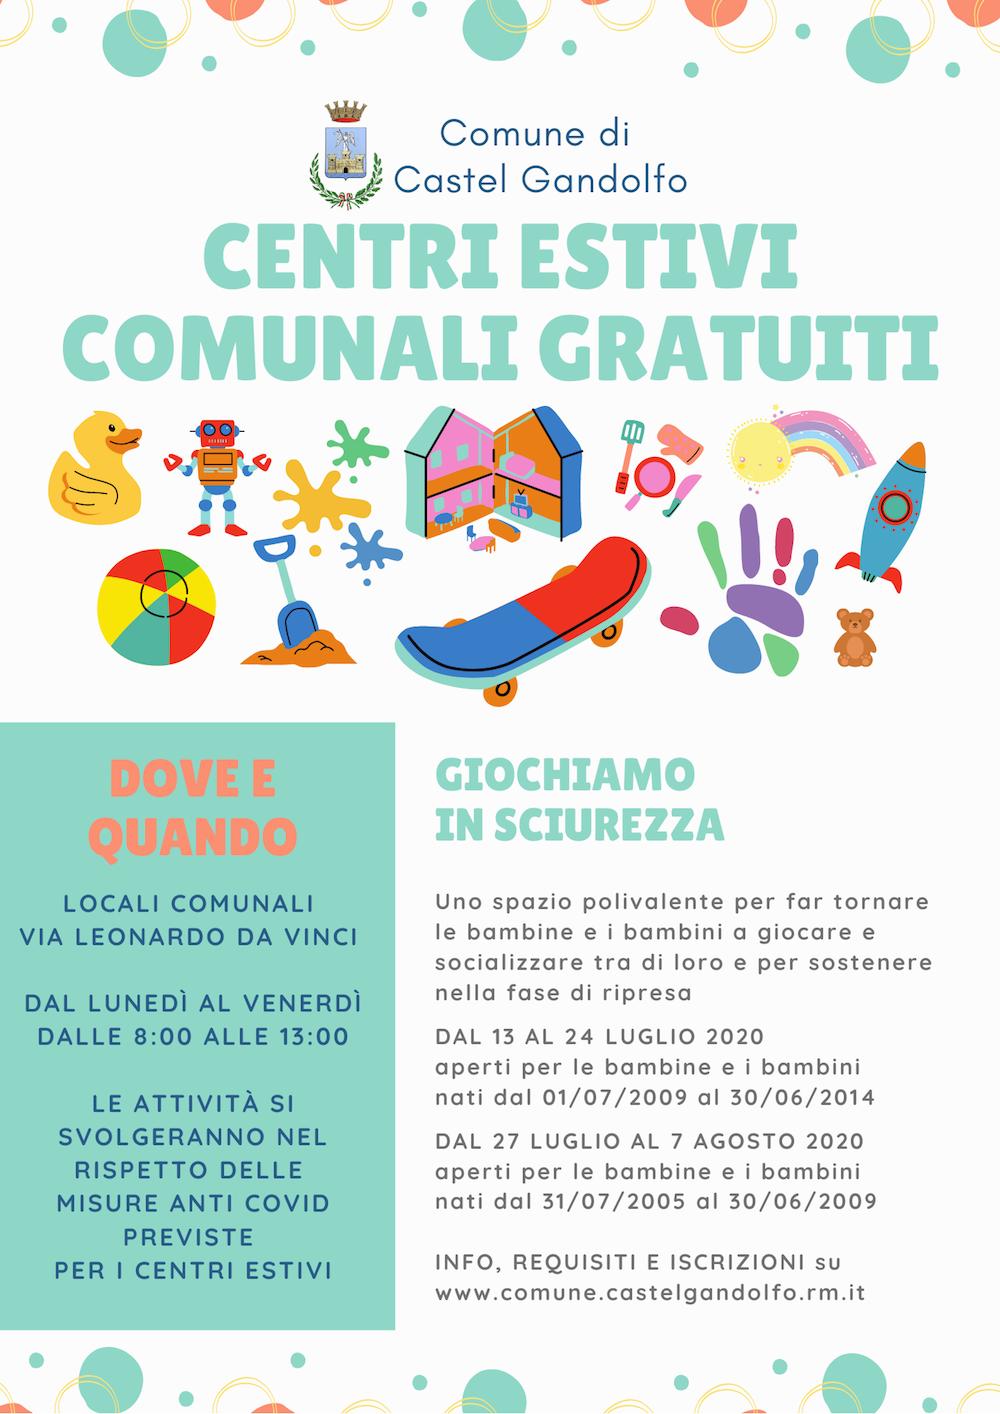 Castel Gandolfo: Dal 13 luglio parte il centro estivo comunale gratuito